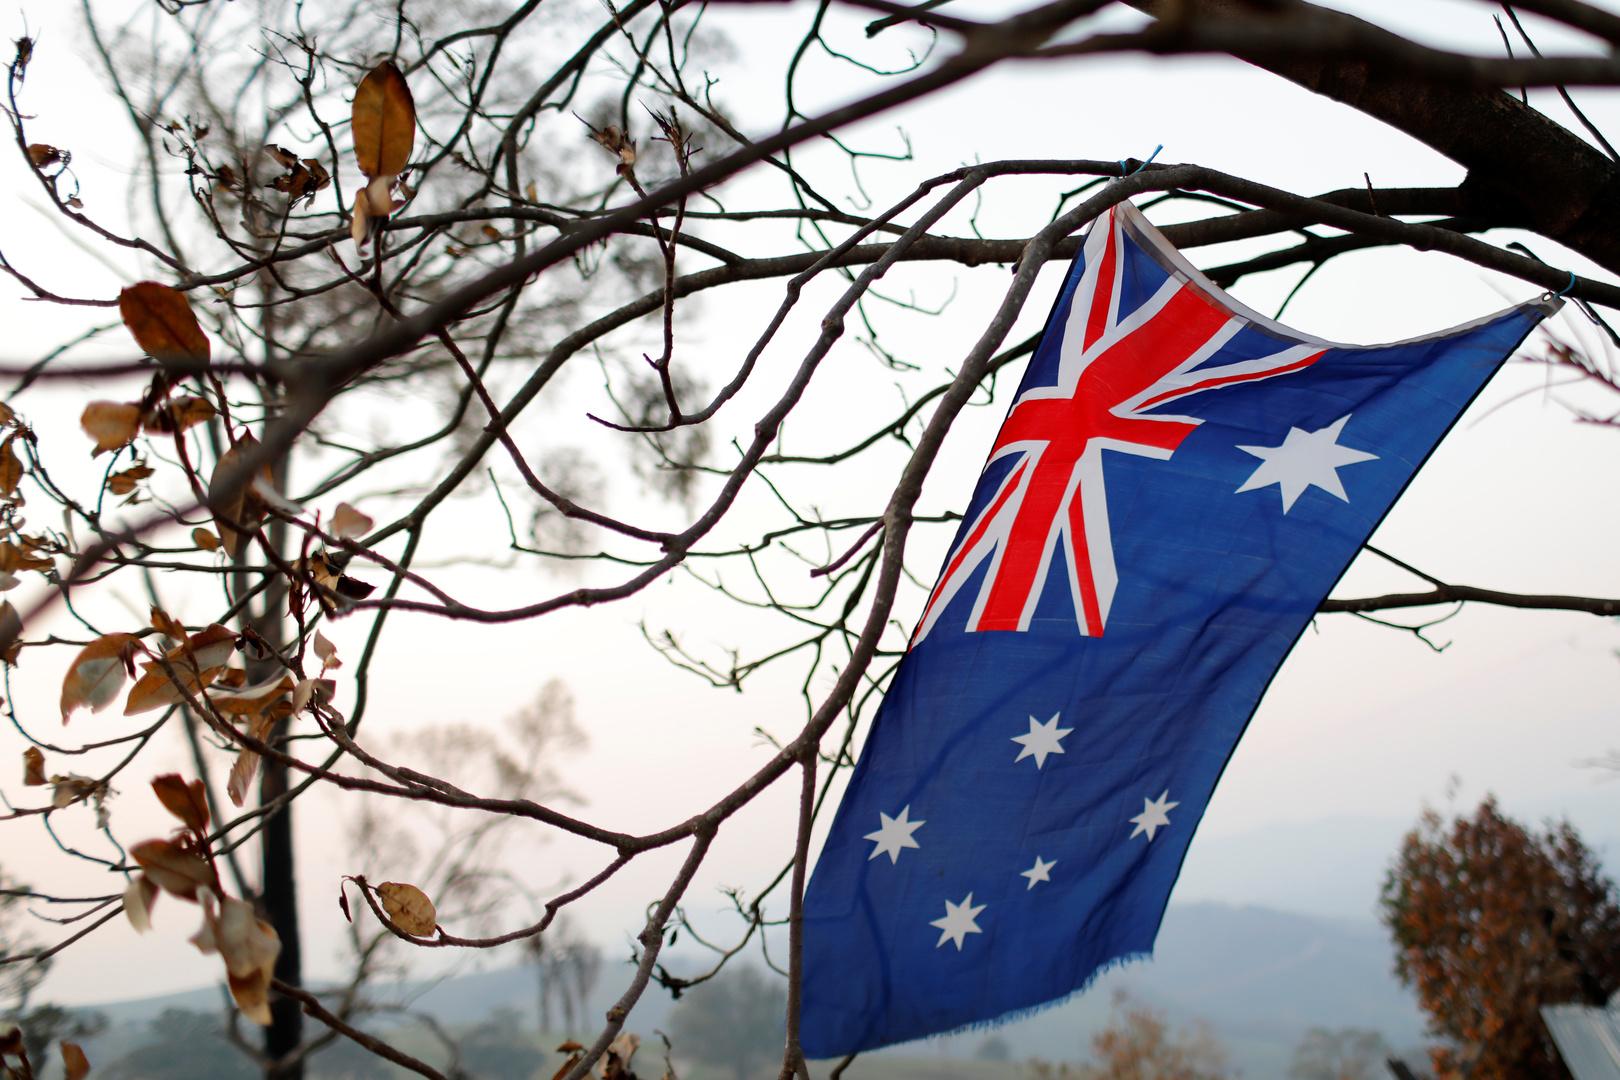 إسرائيل تقرر تسليم أستراليا مديرة مدرسة يهودية متهمة بالاعتداء الجنسي على 74 طالبة